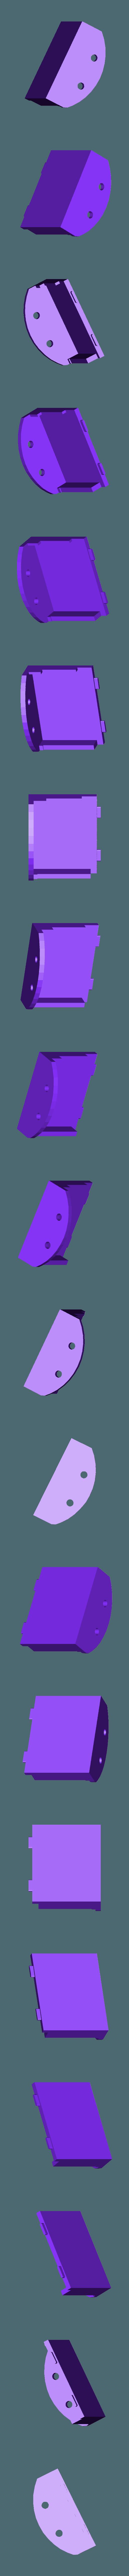 support2.stl Télécharger fichier STL gratuit Lecteur microSD Davinci AiO • Objet pour impression 3D, bricodx